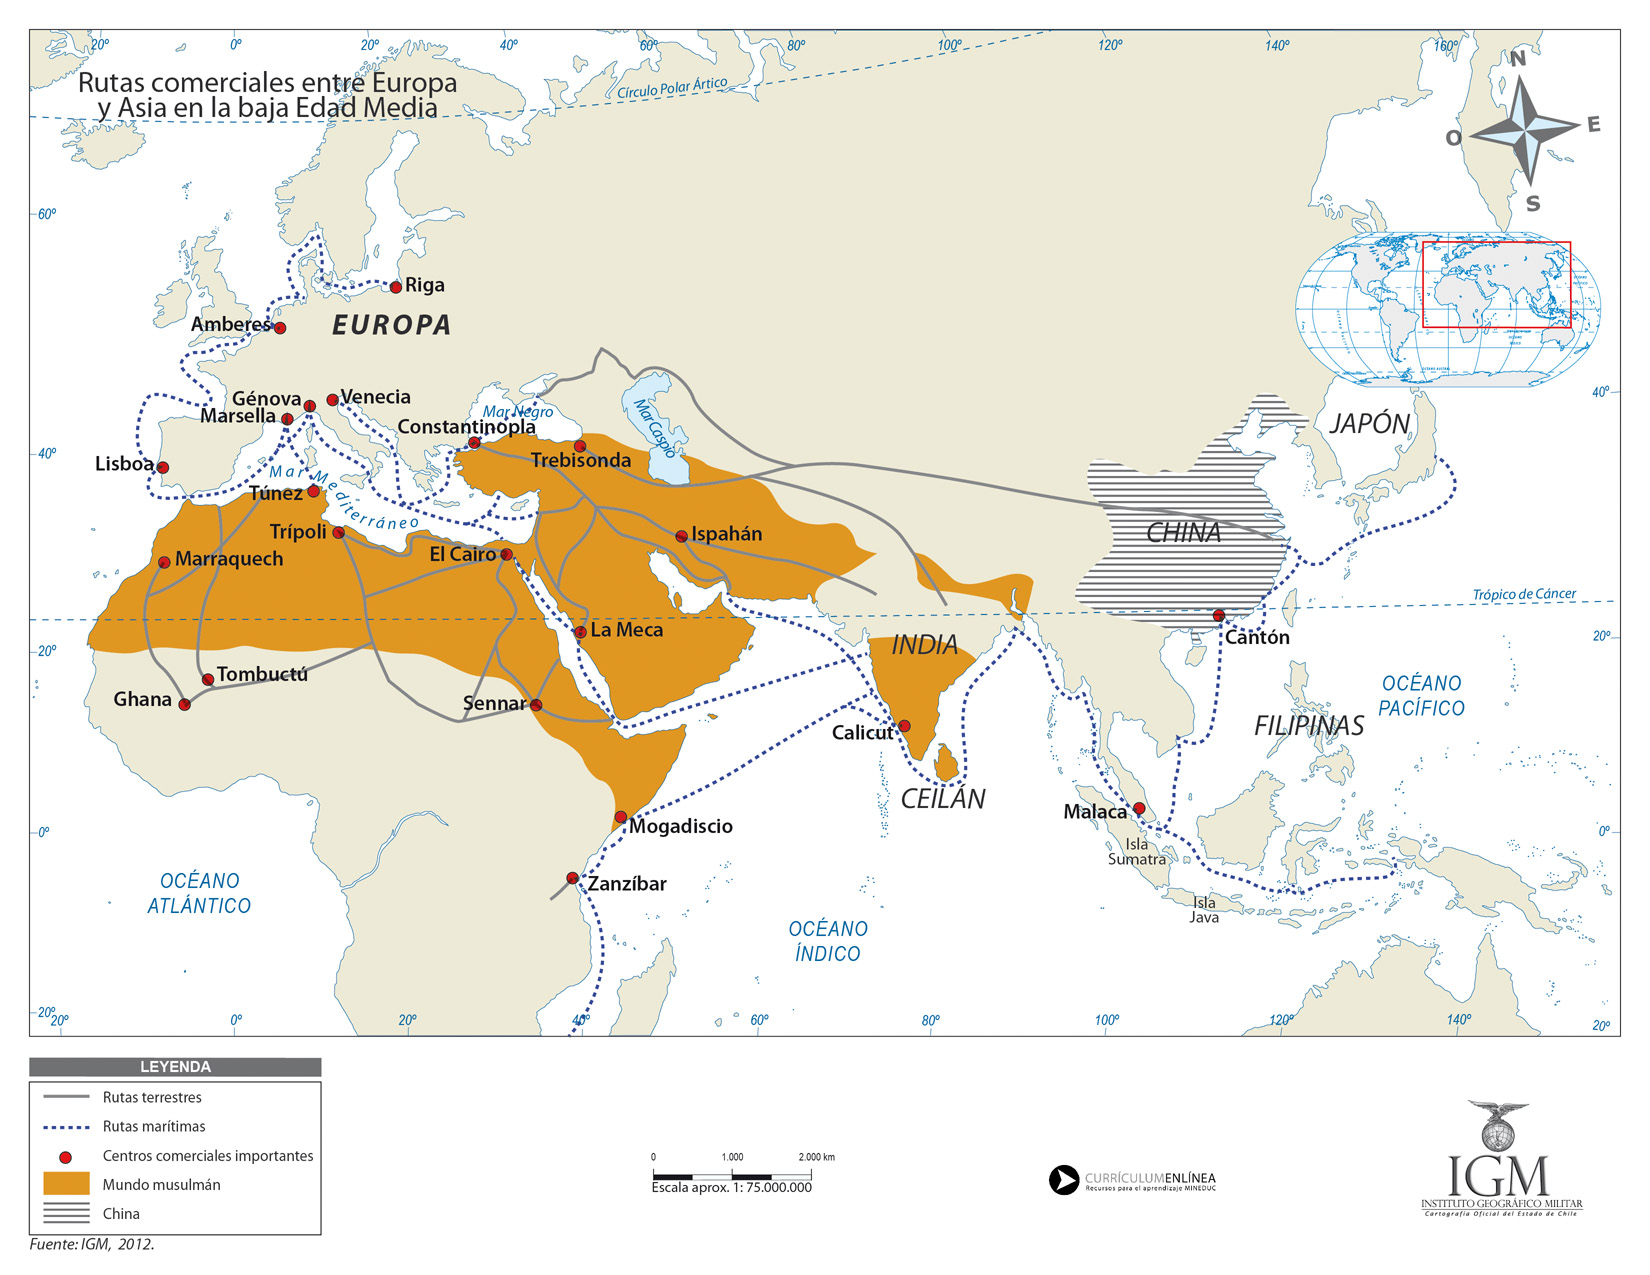 Mapa de las rutas comerciales entre Europa y Asia en la Baja Edad